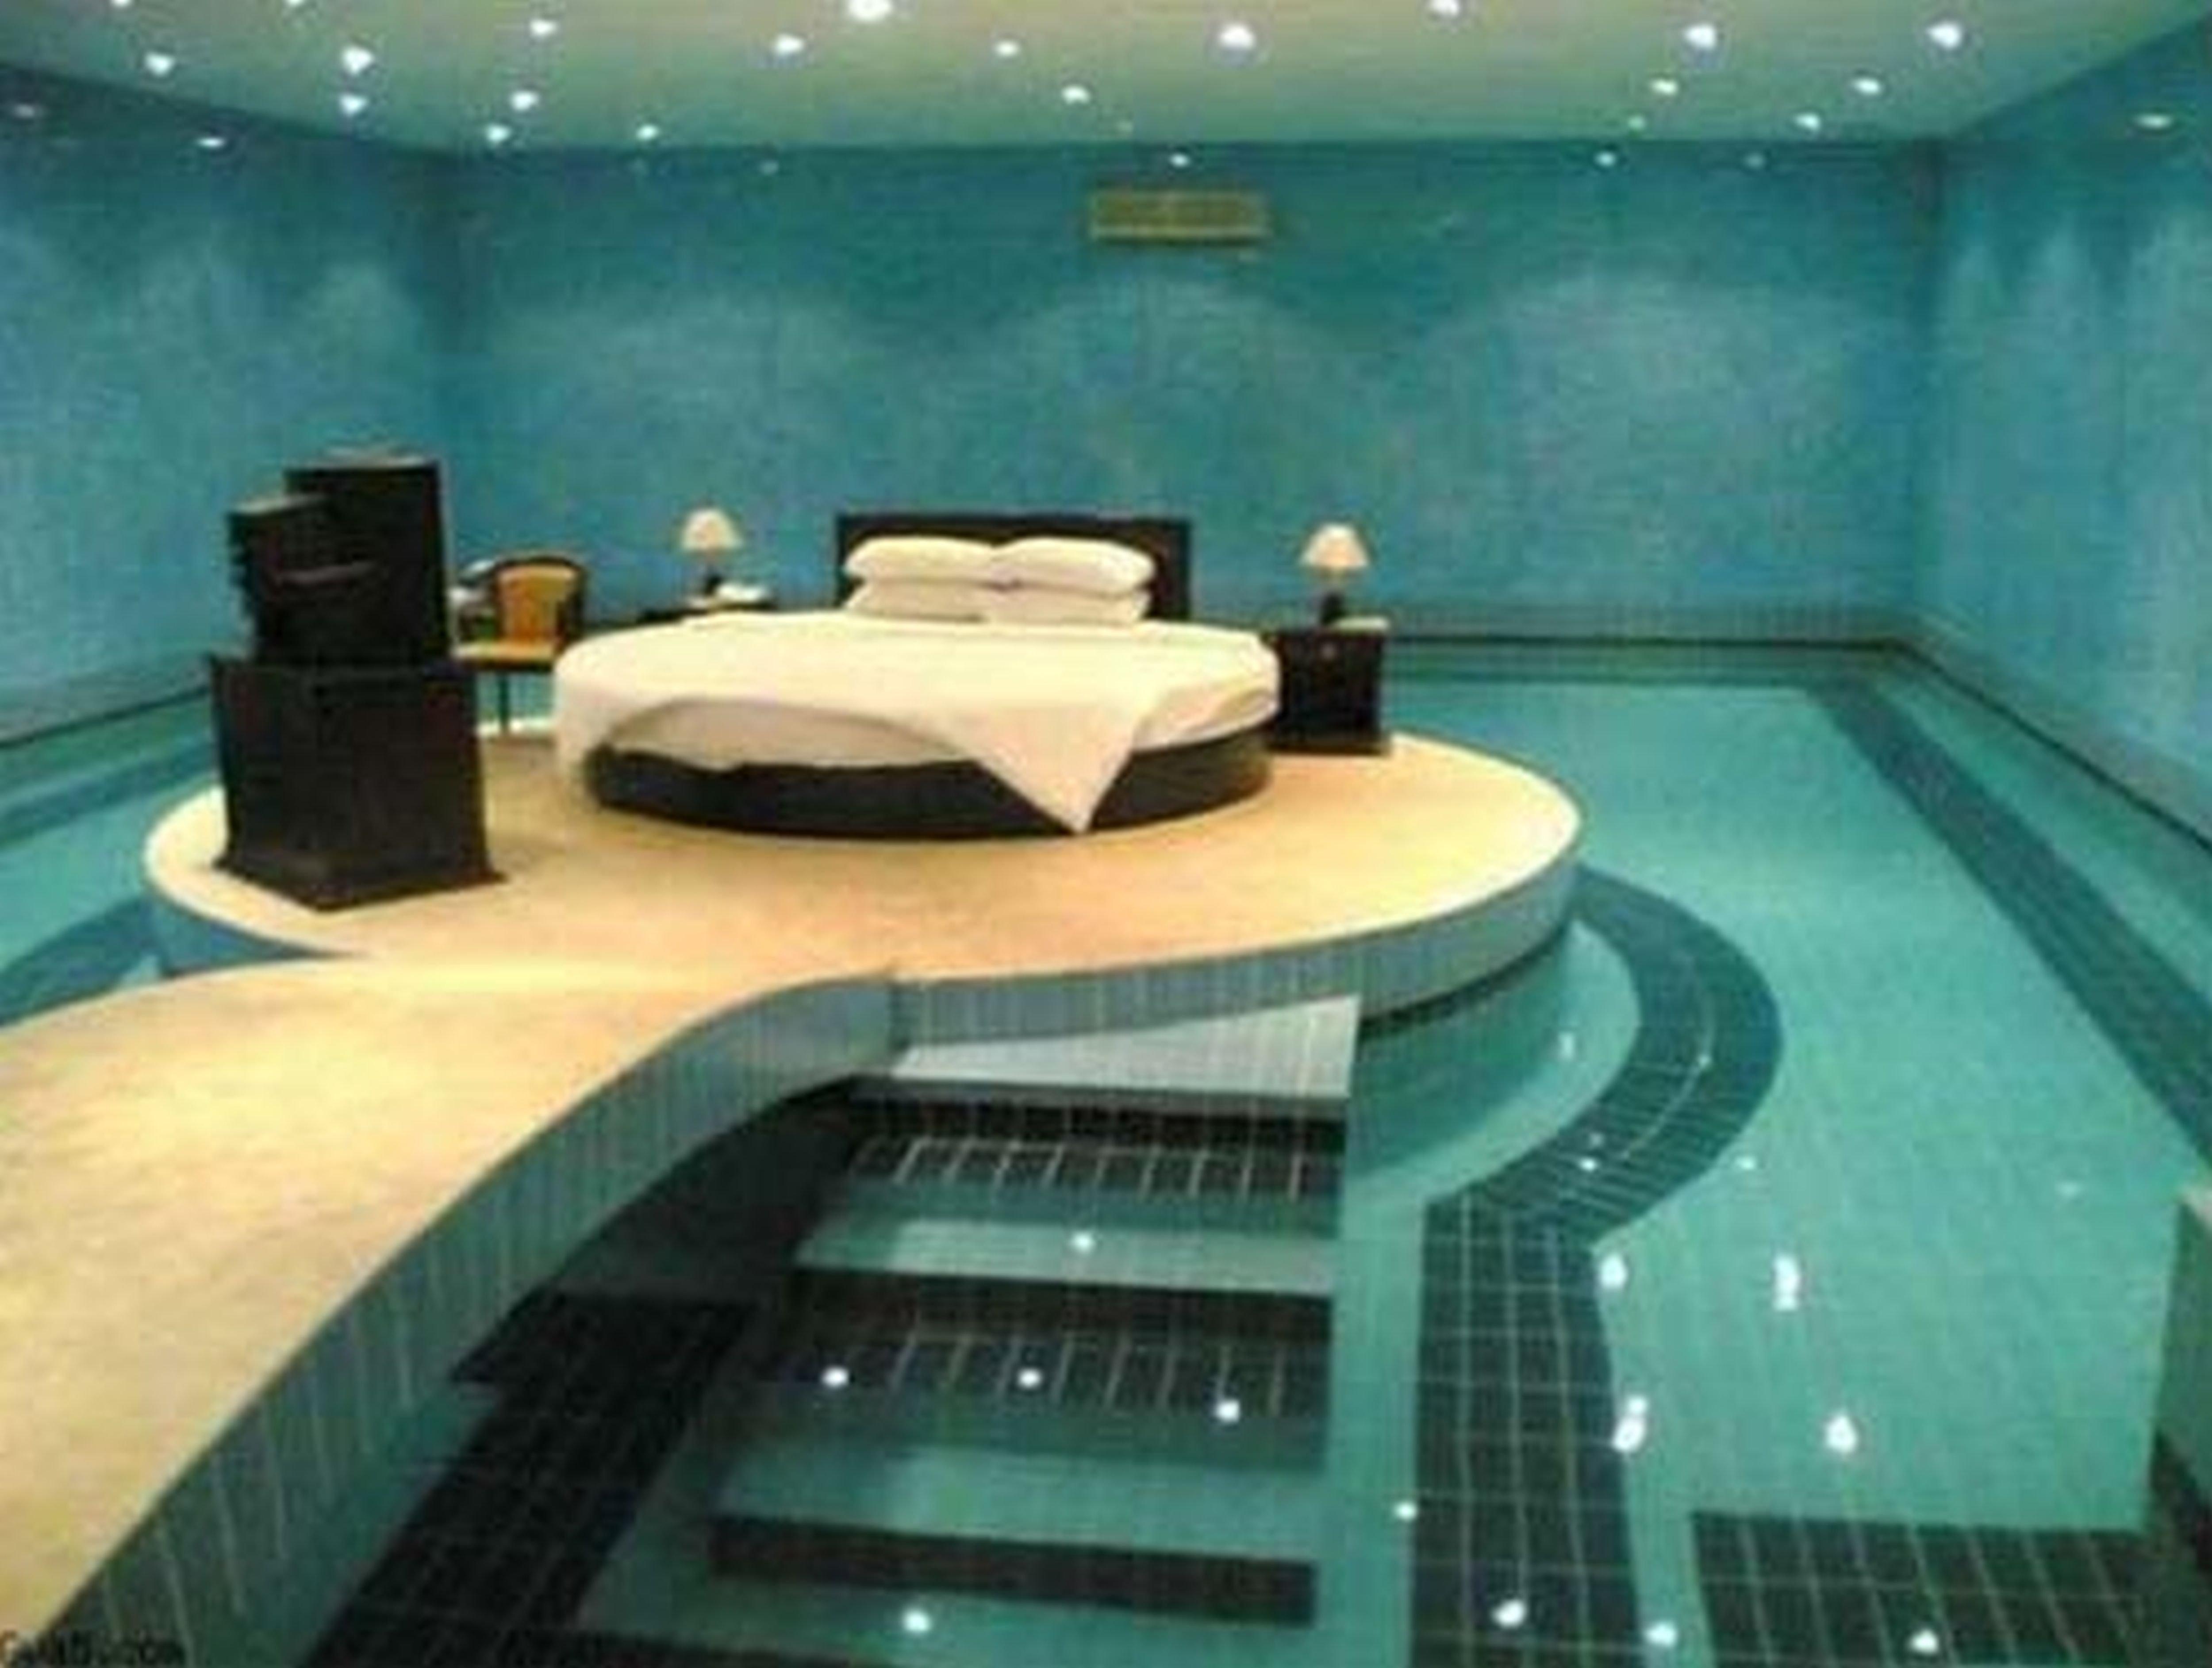 10 Fantastic Cool Room Ideas For Small Rooms ideas for boys rooms vaya teen boys bed teen room boy teenage room